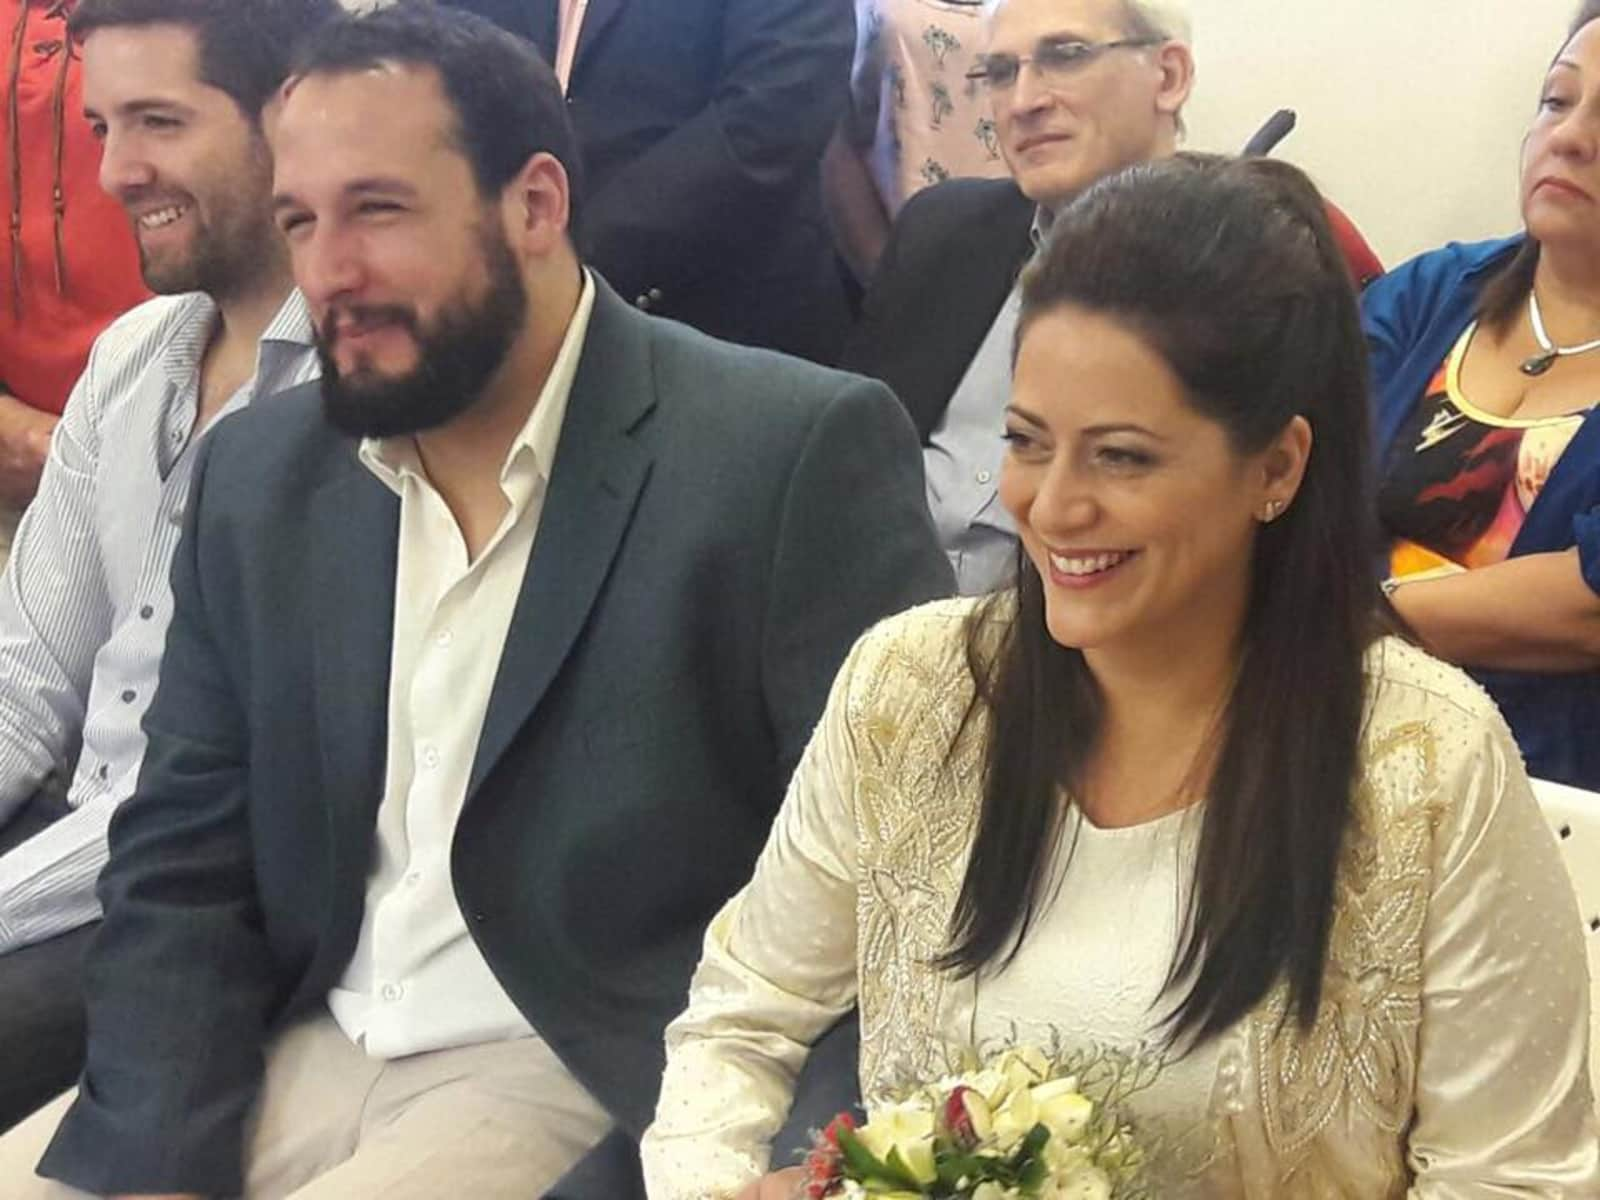 Leticia & José ignacio from San Telmo, Argentina